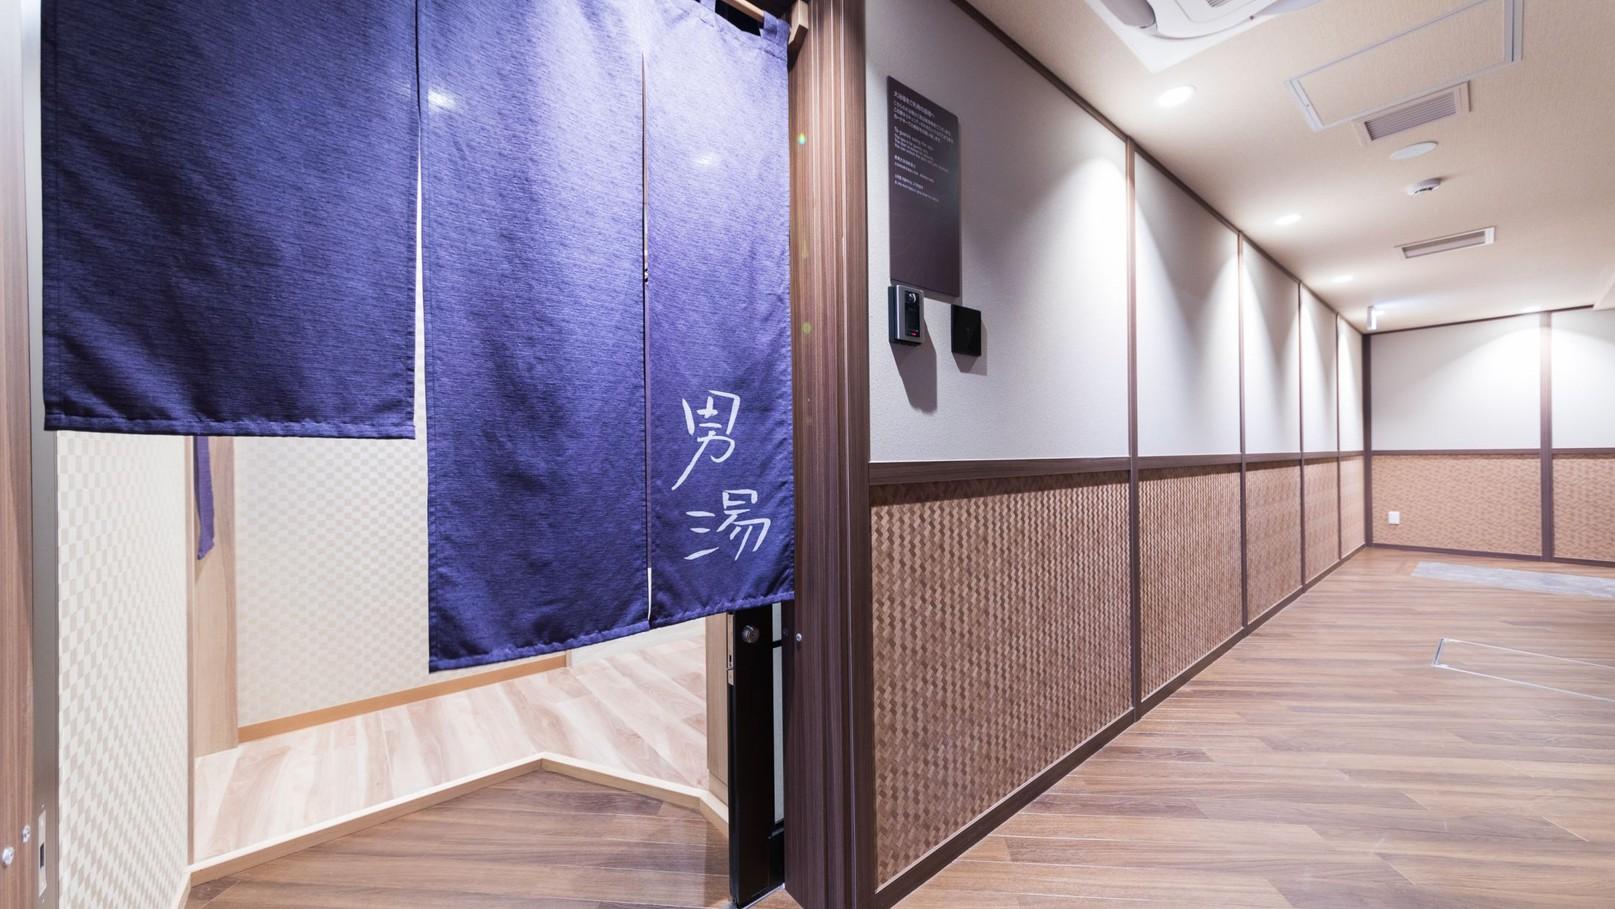 【男性入口】13Fエレベータ左手 ルームキータッチで入場可能